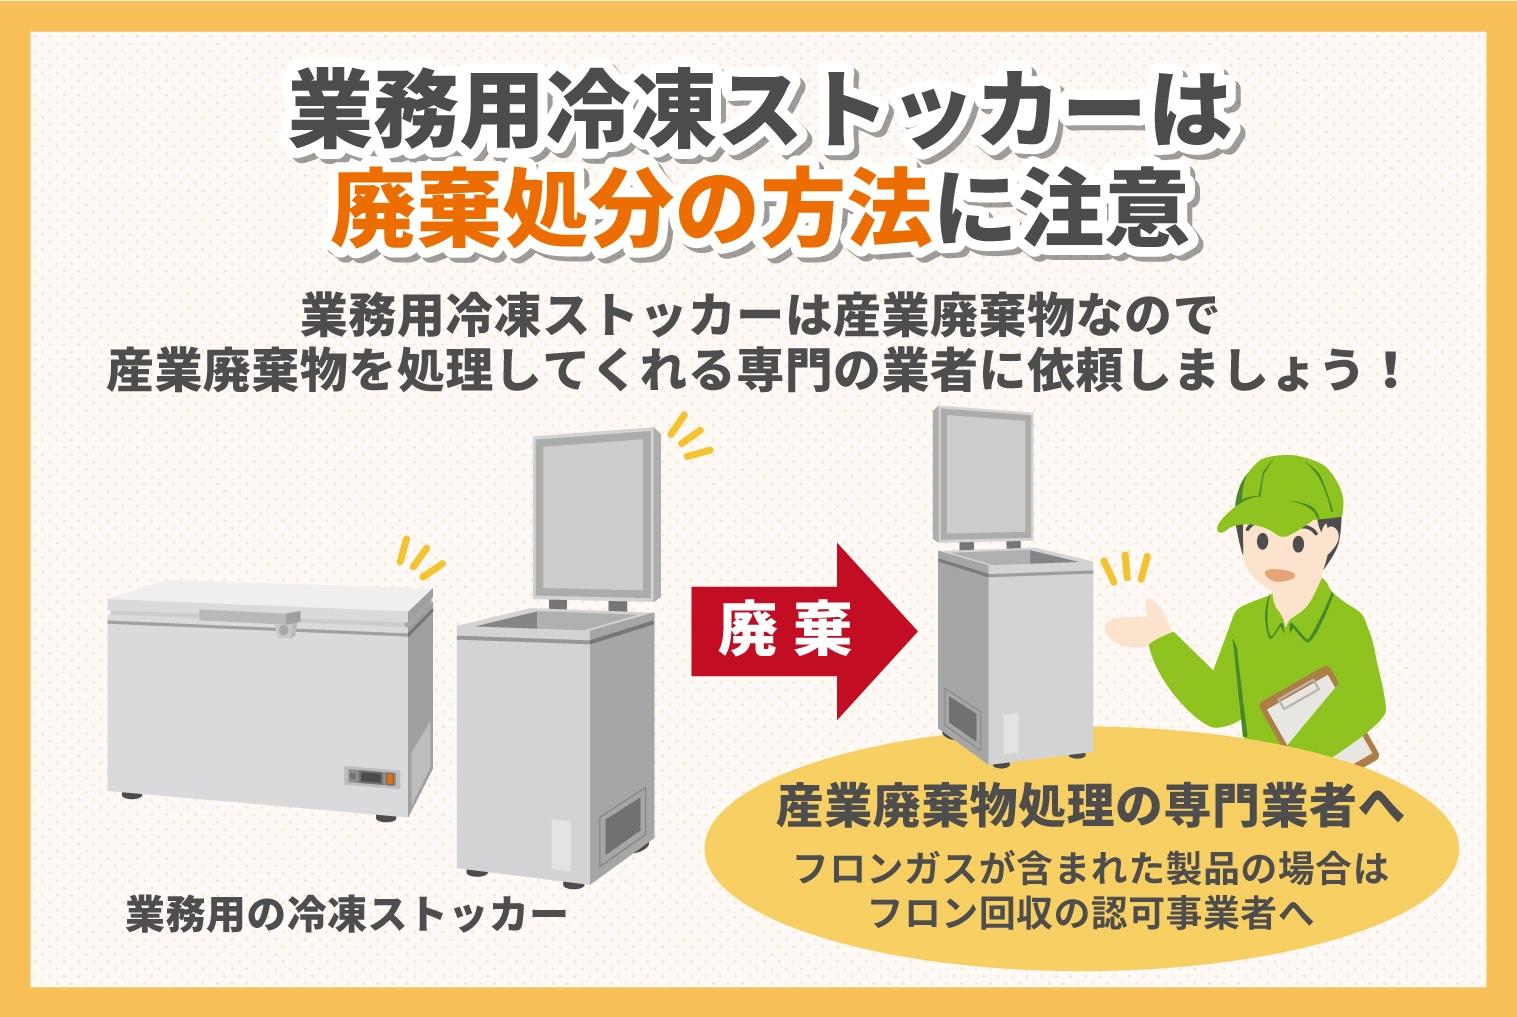 業務用冷凍ストッカーは廃棄処分の方法に注意